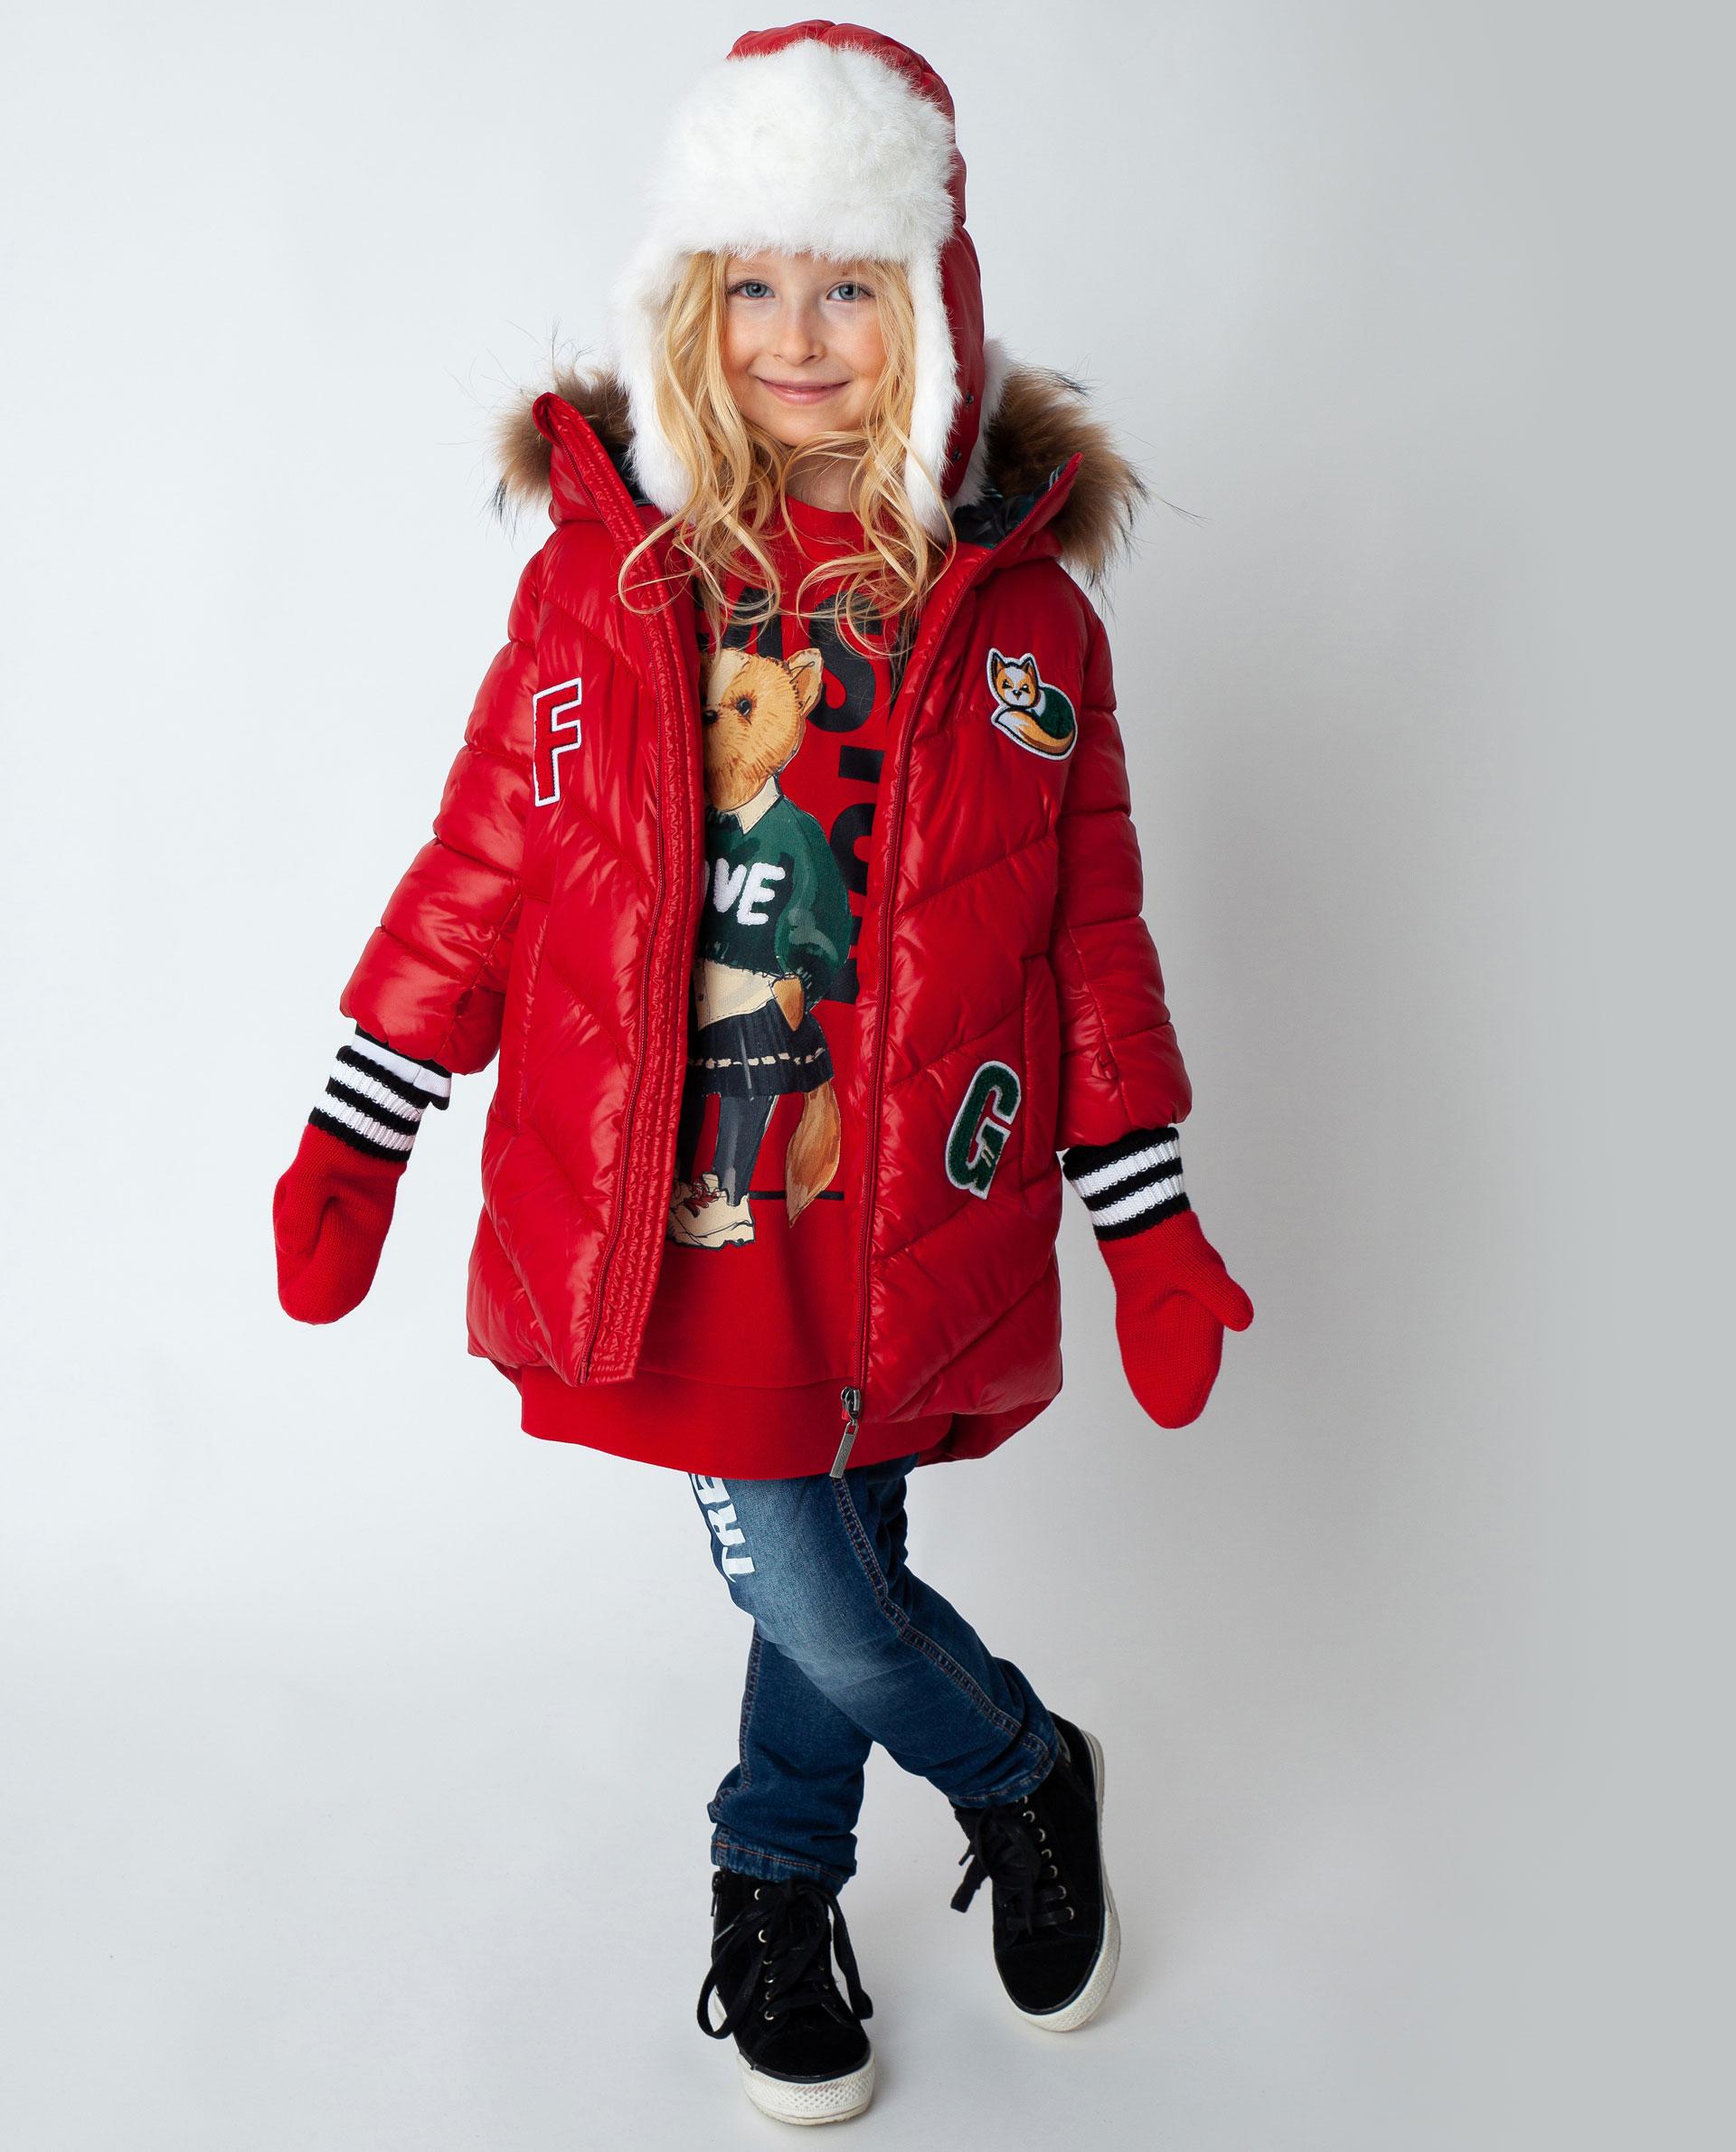 Купить 22002GMC4502, Красное пальто зимнее Gulliver, красный, 98, Полиэстер, Женский, Зима, ОСЕНЬ/ЗИМА 2020-2021 (shop: GulliverMarket Gulliver Market)